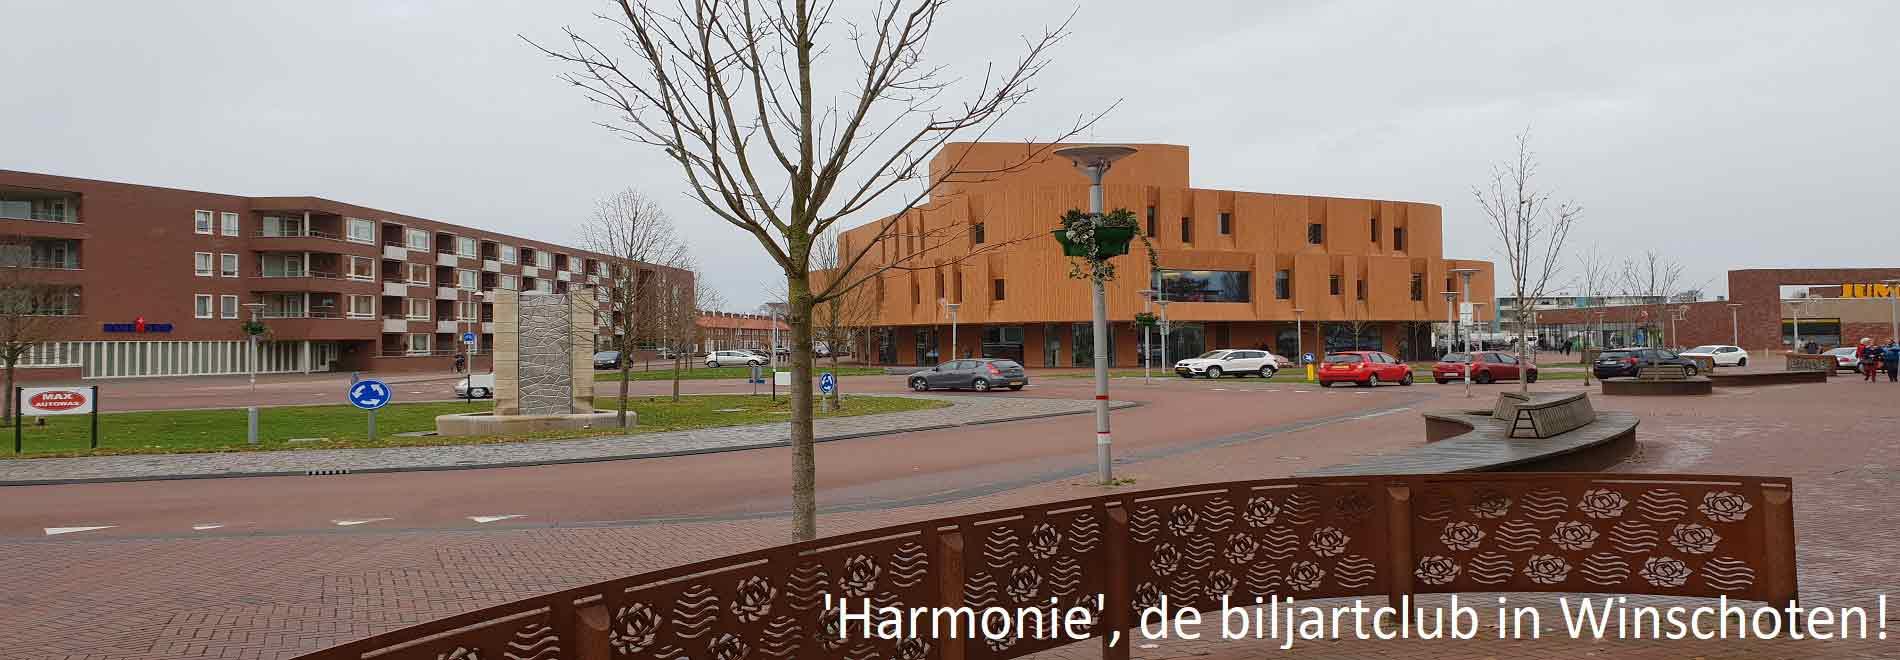 - Sociëteit De Harmonie Winschoten